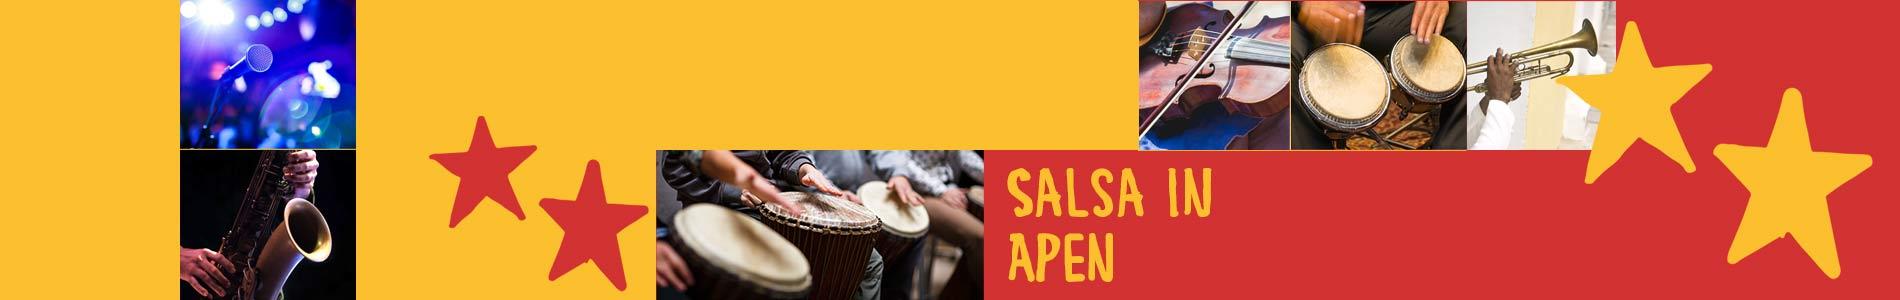 Salsa in Apen – Salsa lernen und tanzen, Tanzkurse, Partys, Veranstaltungen